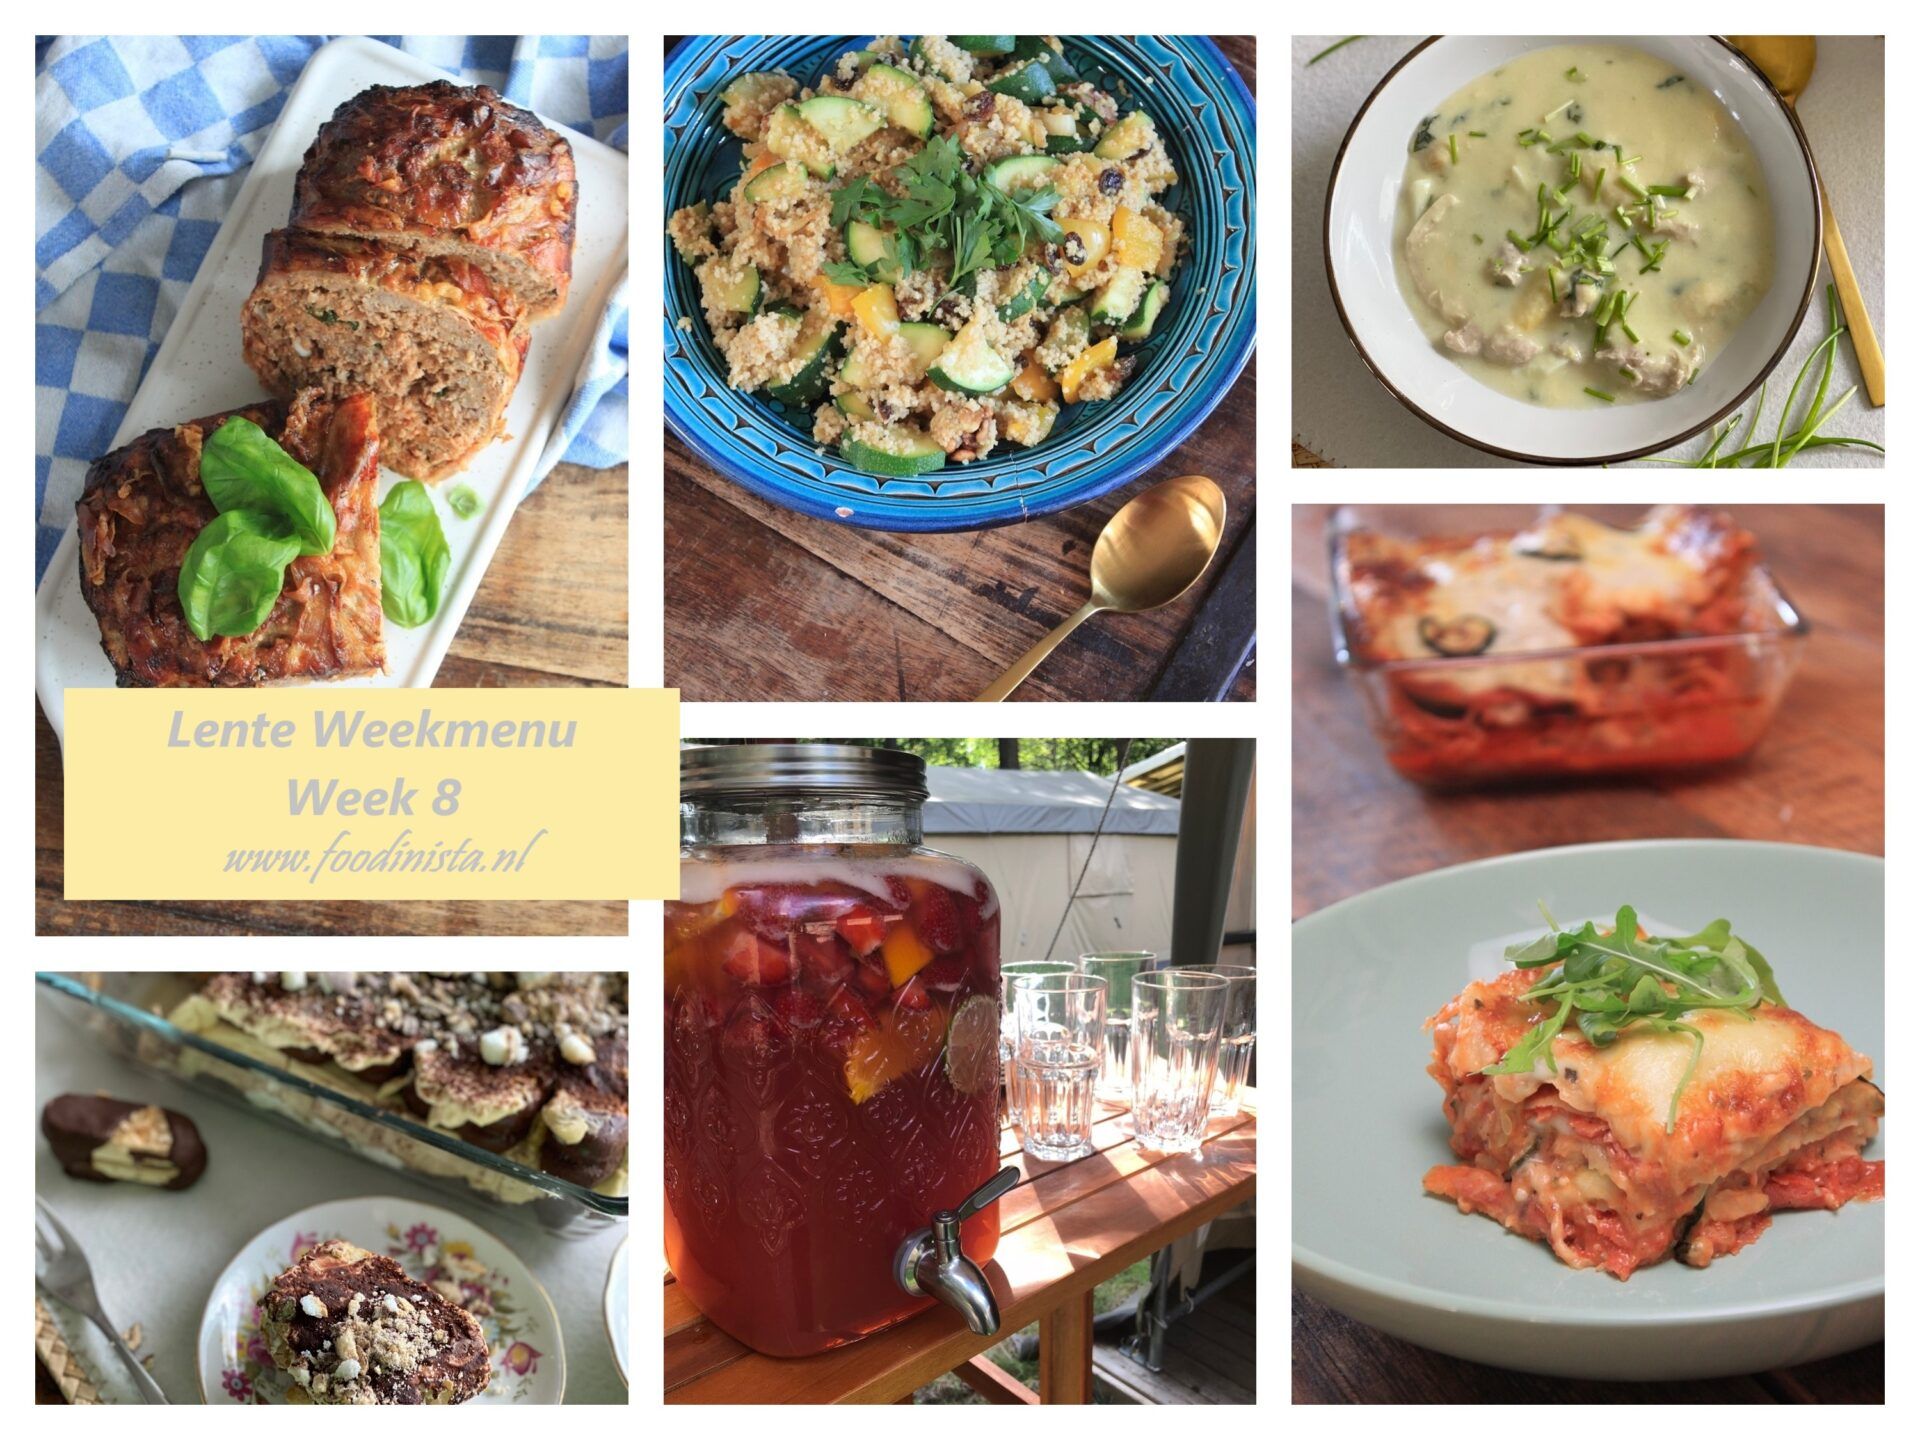 Foodinista weekmenu – Wat eten we deze week? – Weekmenu Week 8 Lente 2021 - Foodblog Foodinista